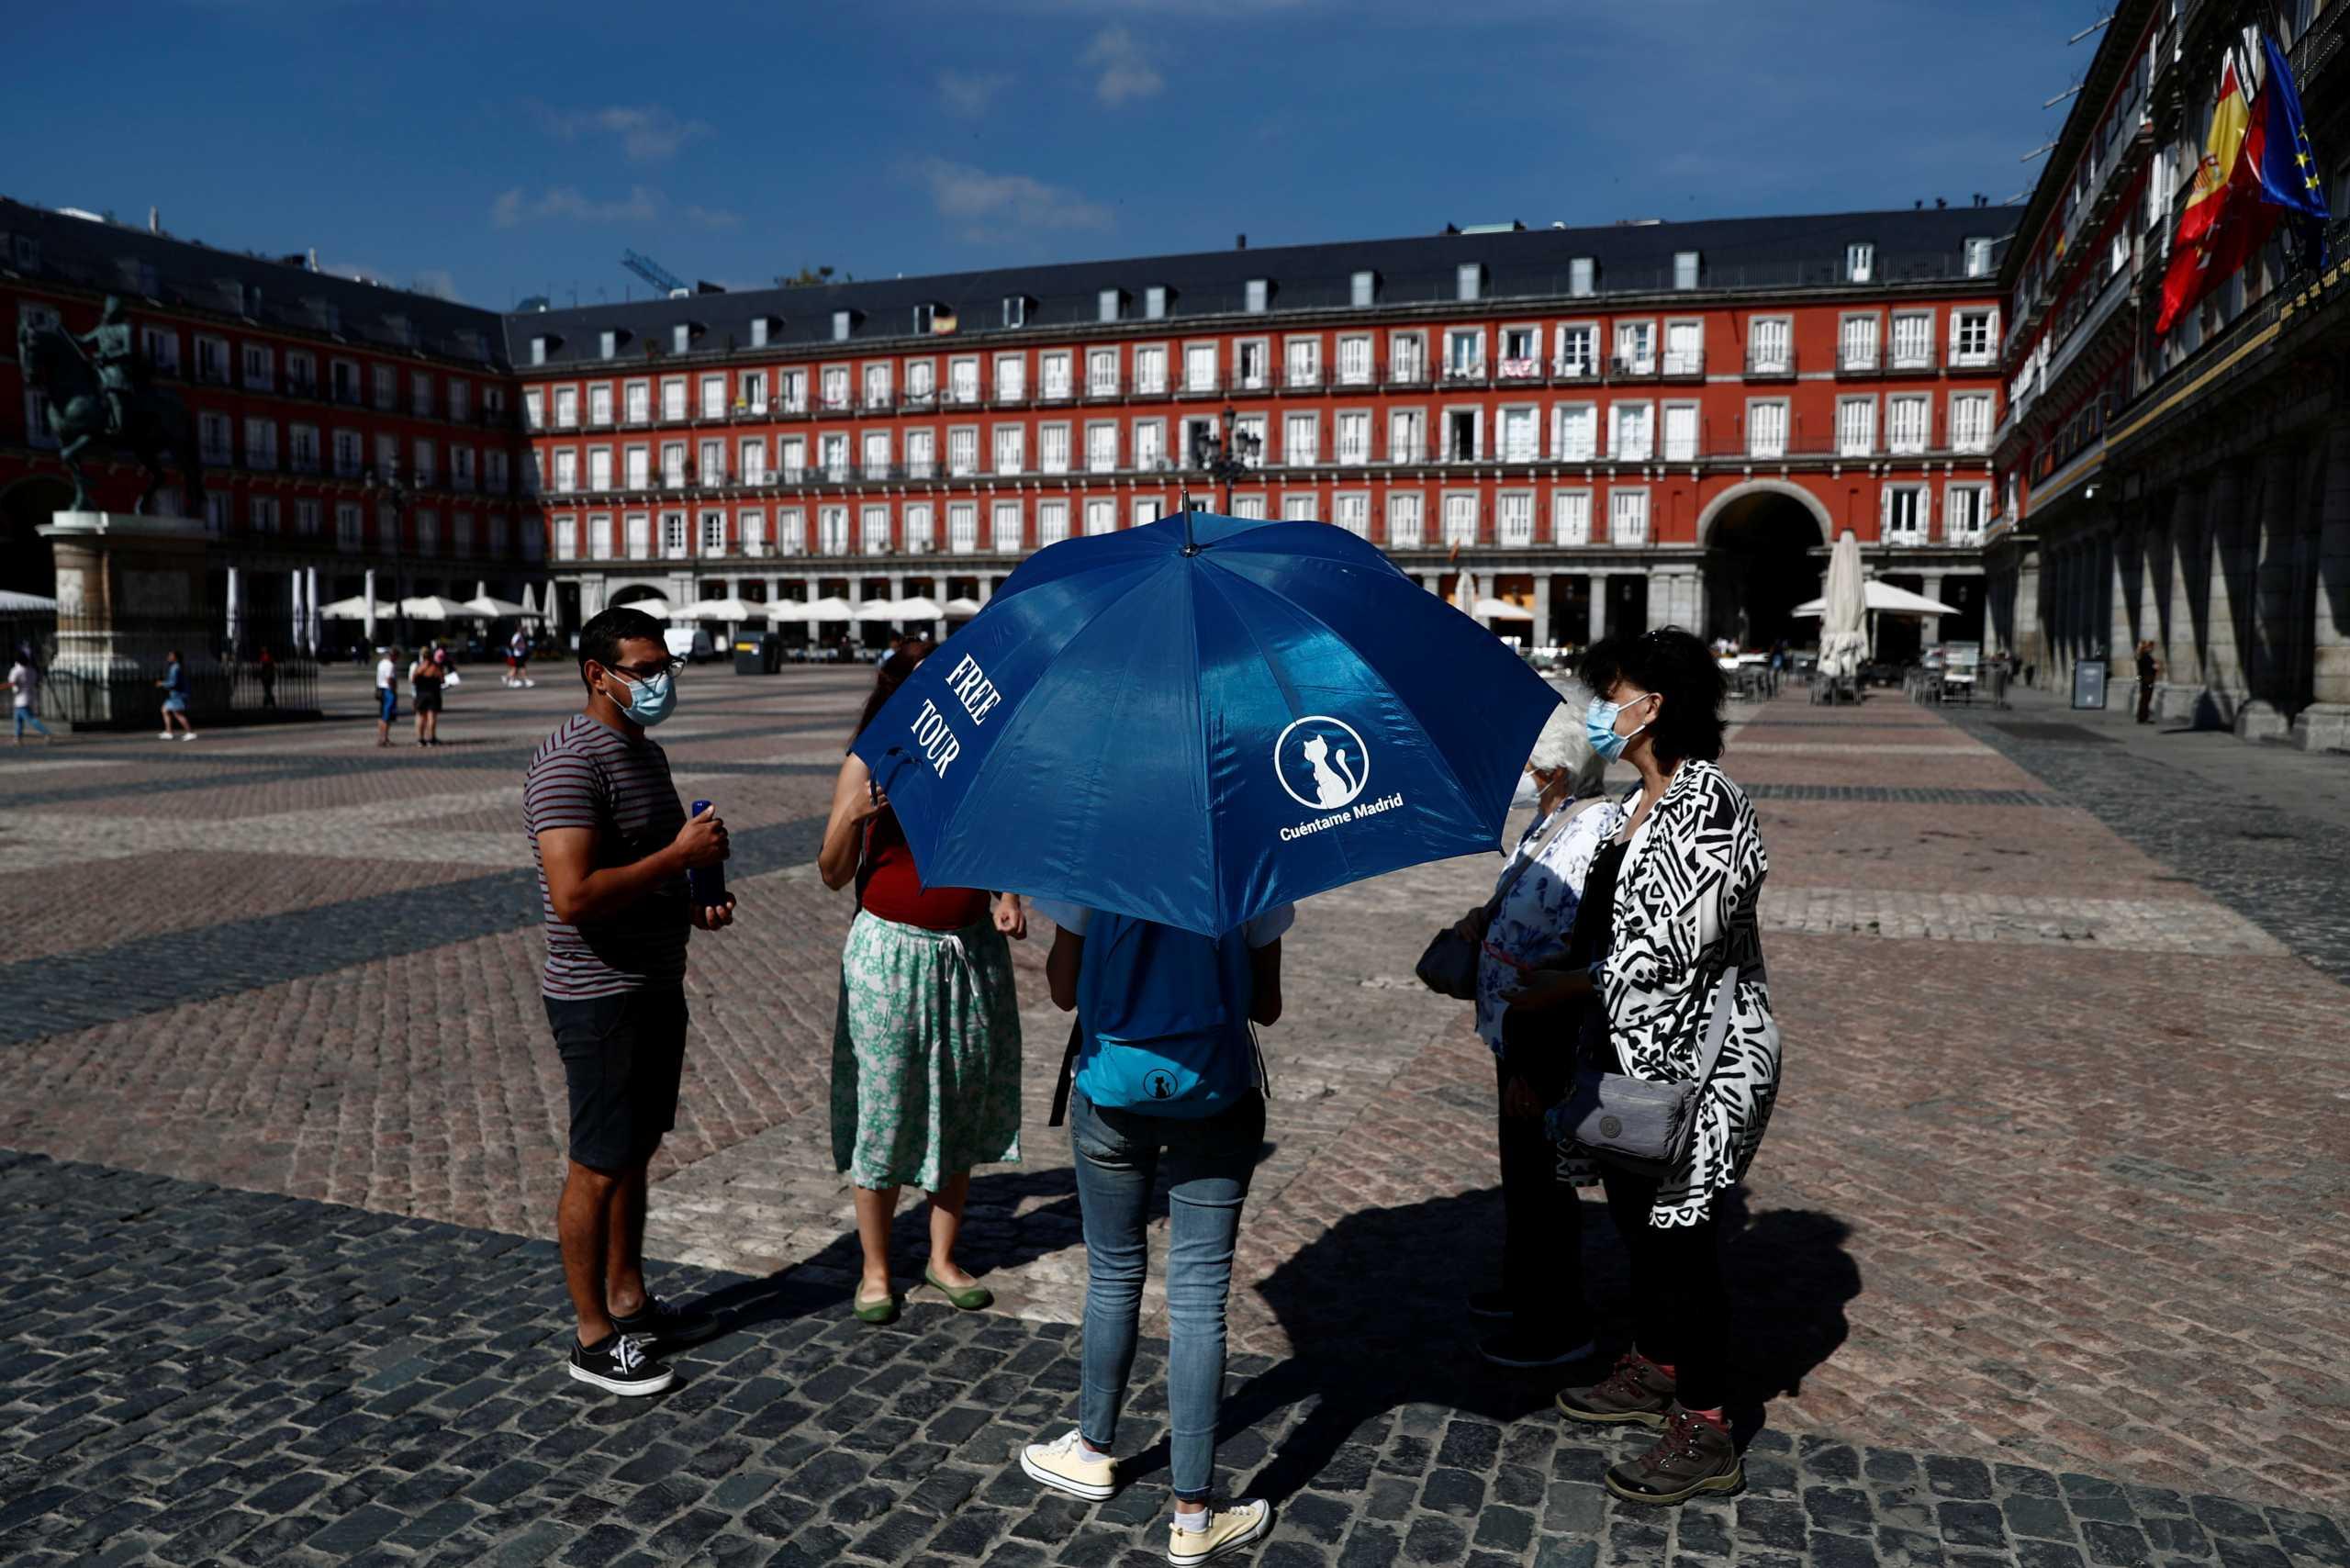 Μαδρίτη: Ανοίγουν νυχτερινά κέντρα σε περιοχές με μειωμένα κρούσματα